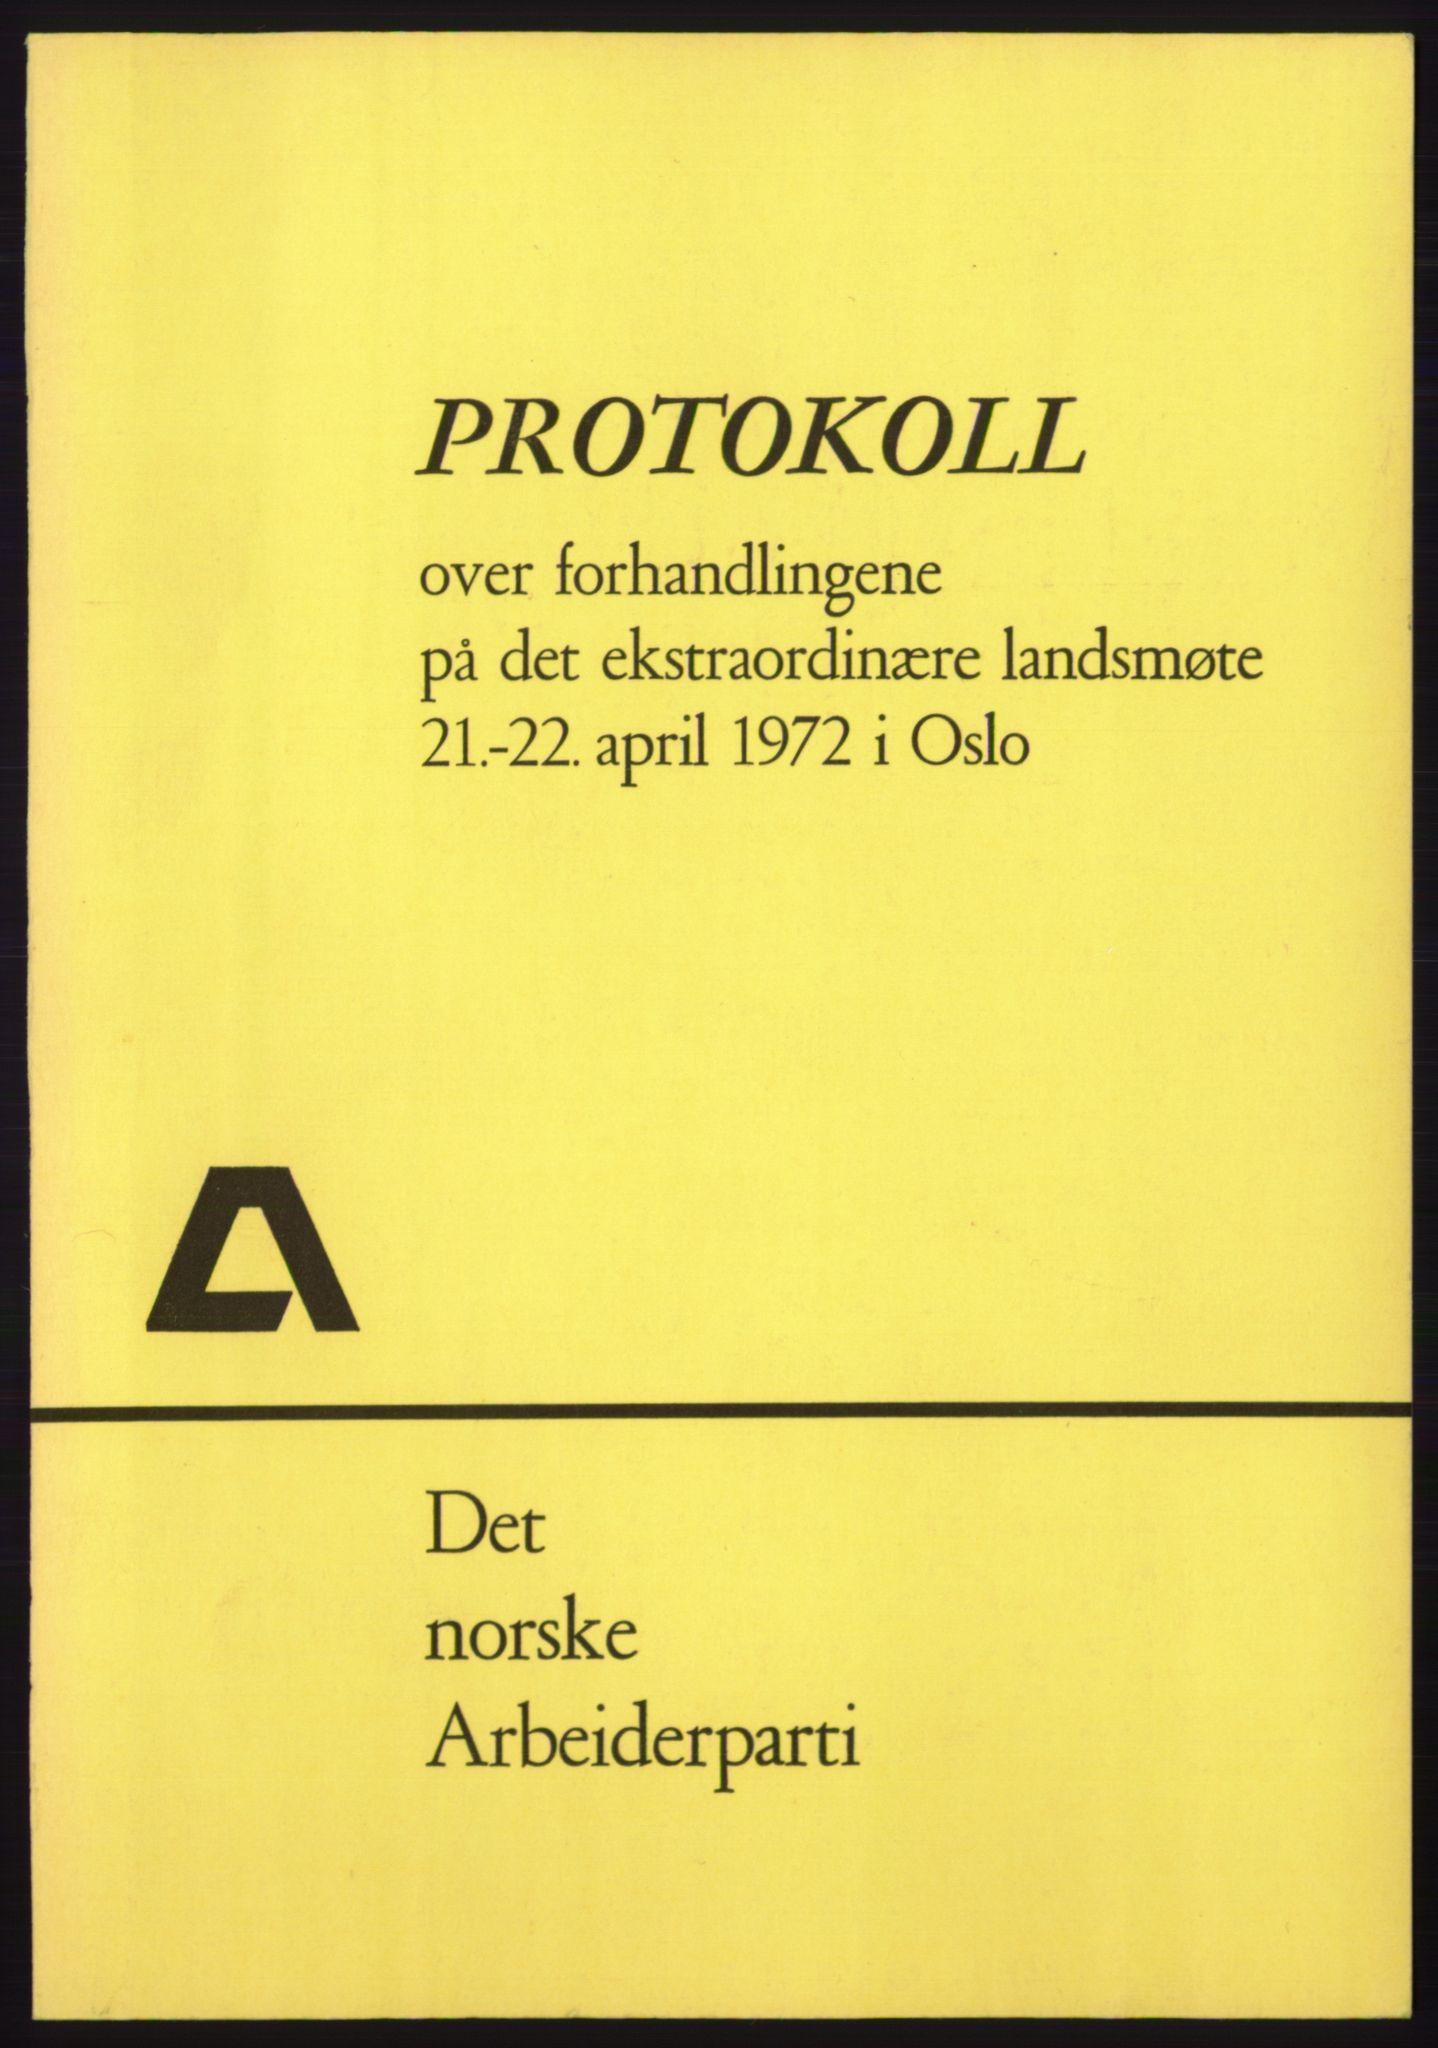 AAB, Det norske Arbeiderparti - publikasjoner, -/-: Protokoll over forhandlingene på det ekstraordinære landsmøte 21.-22. april 1972, 1972